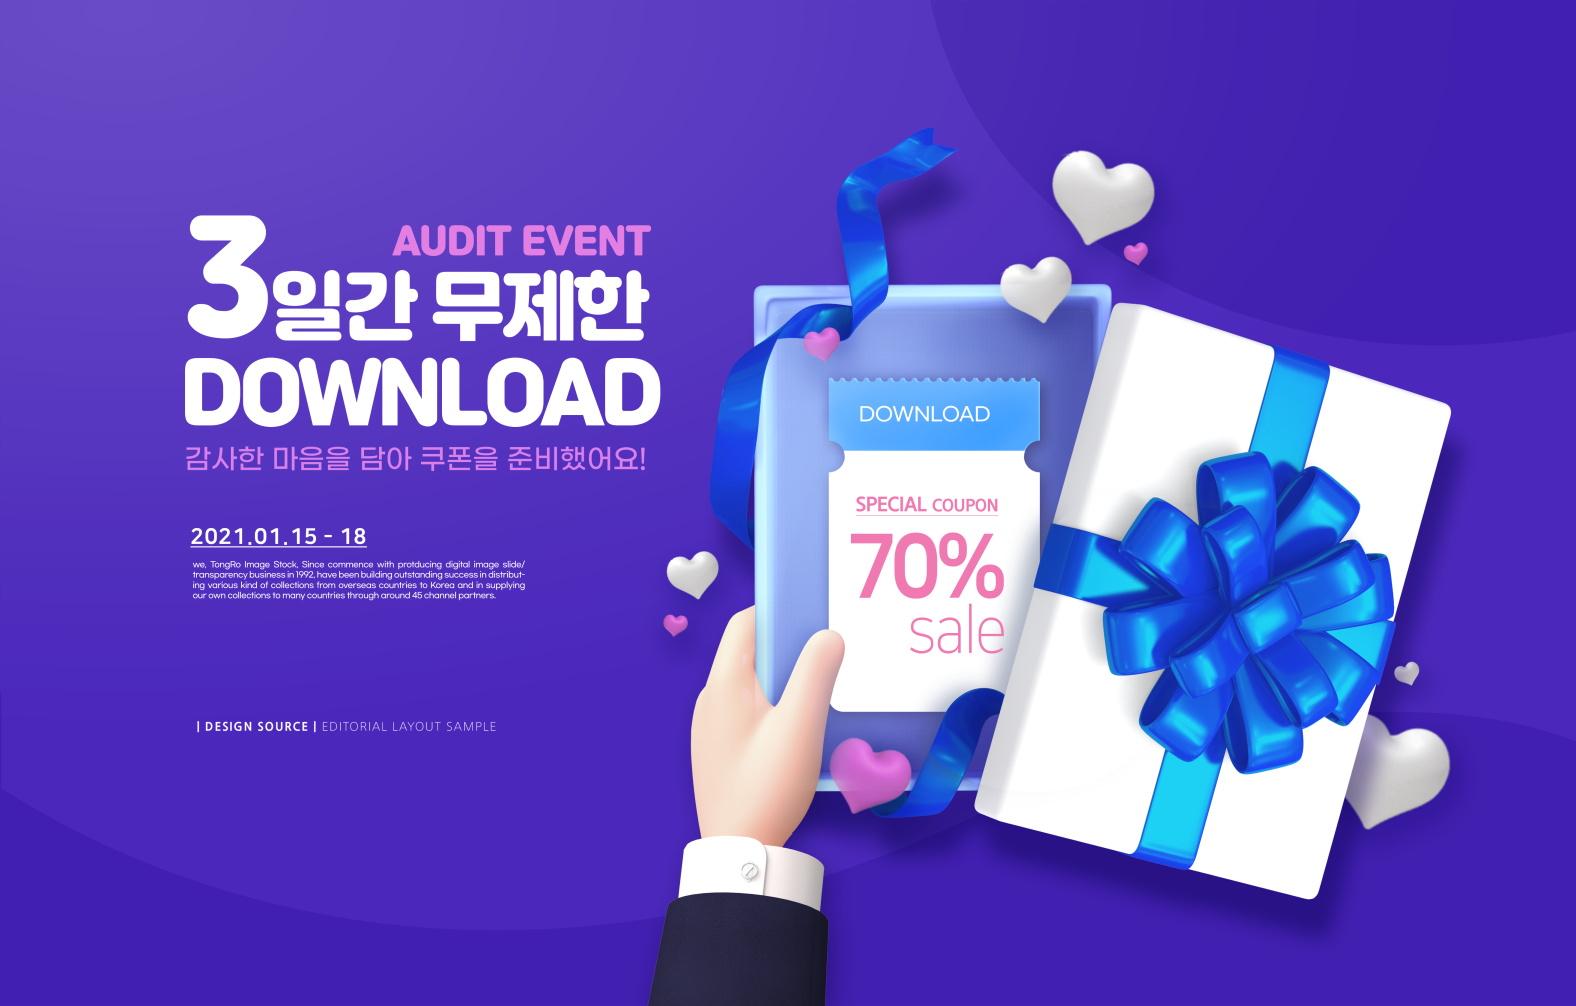 [单独购买] 16款时尚外卖金融手机购物促销海报设计PSD模板素材 Mobile Shopping Promotion Poster插图13